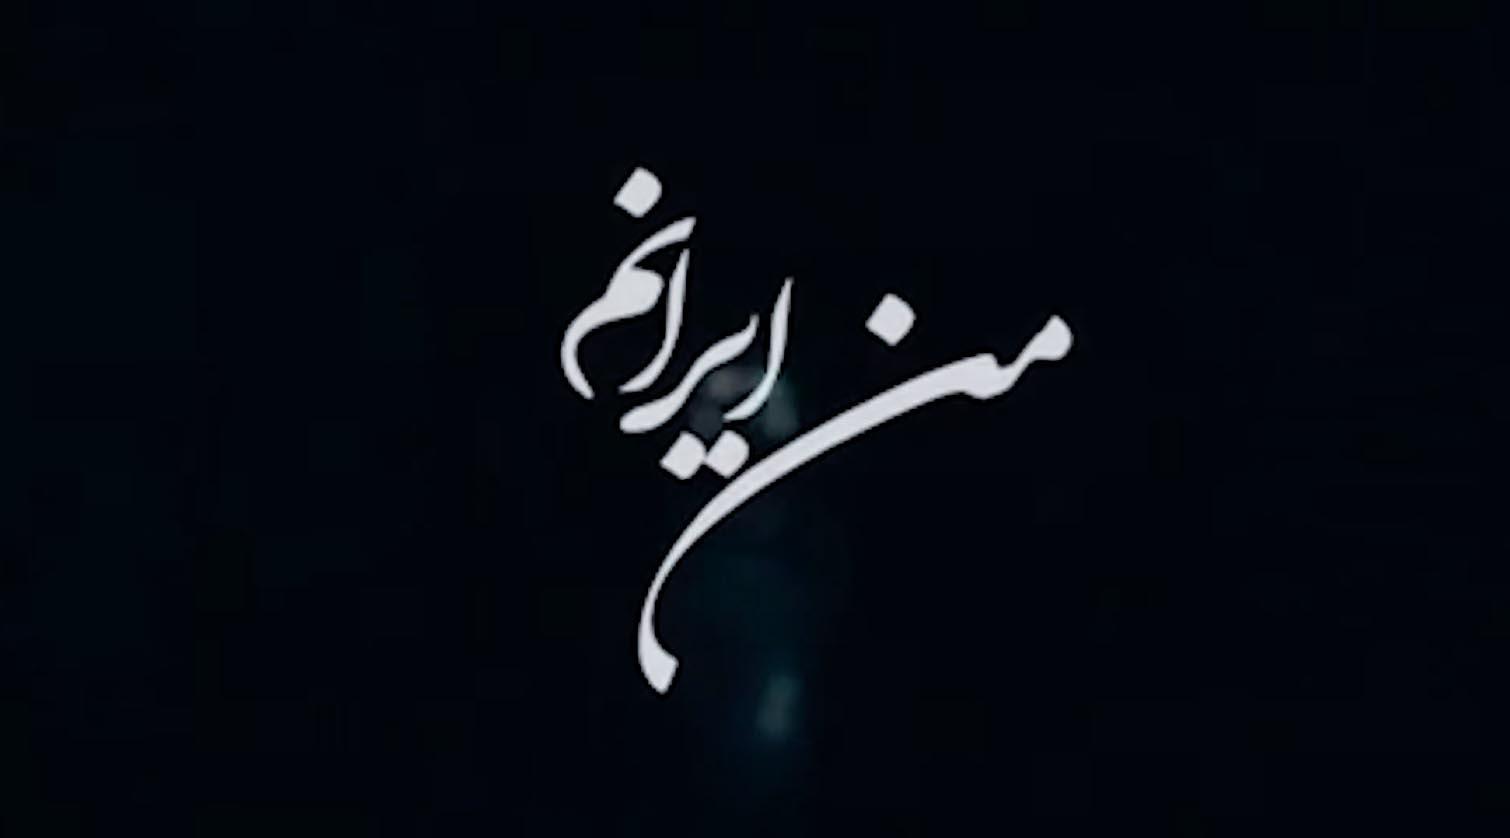 من ایرانم